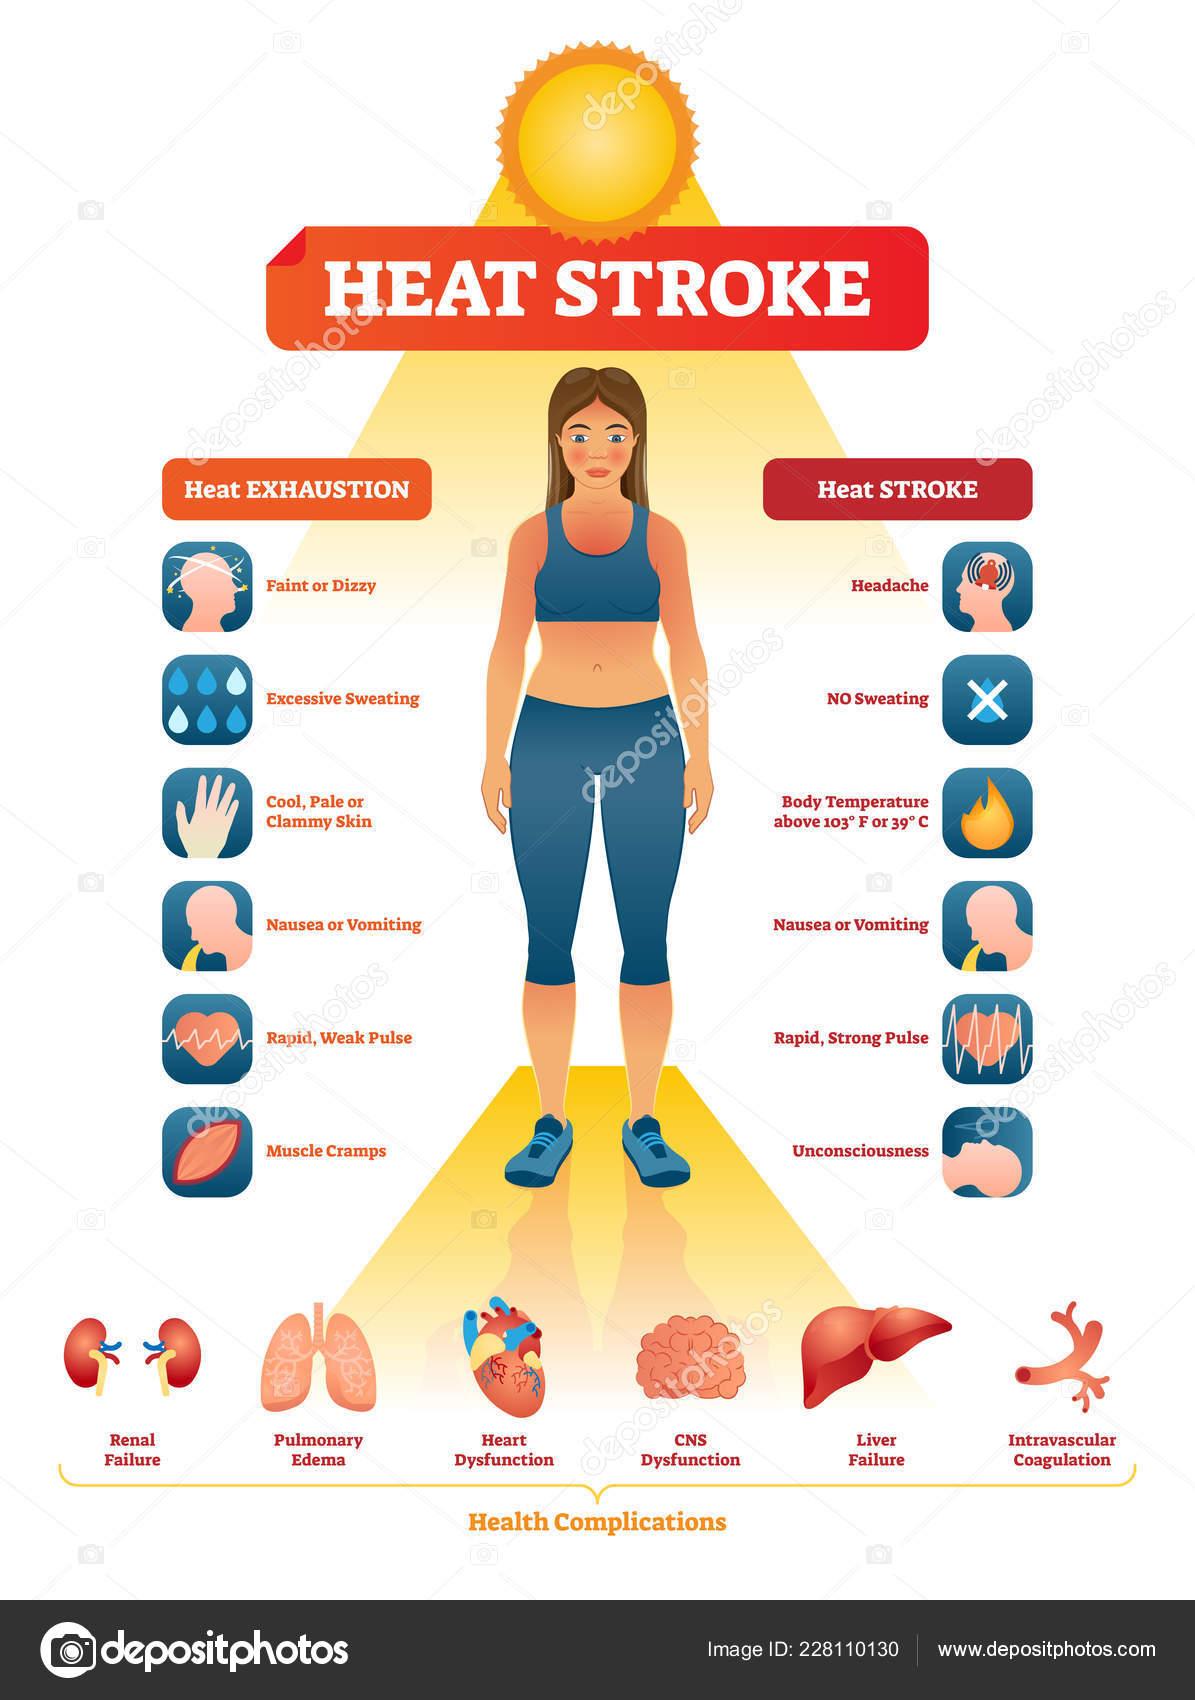 depositphotos_228110130 stock illustration heat stroke vector illustration exhaustion heat stroke vector illustration exhaustion symptoms labeled medical